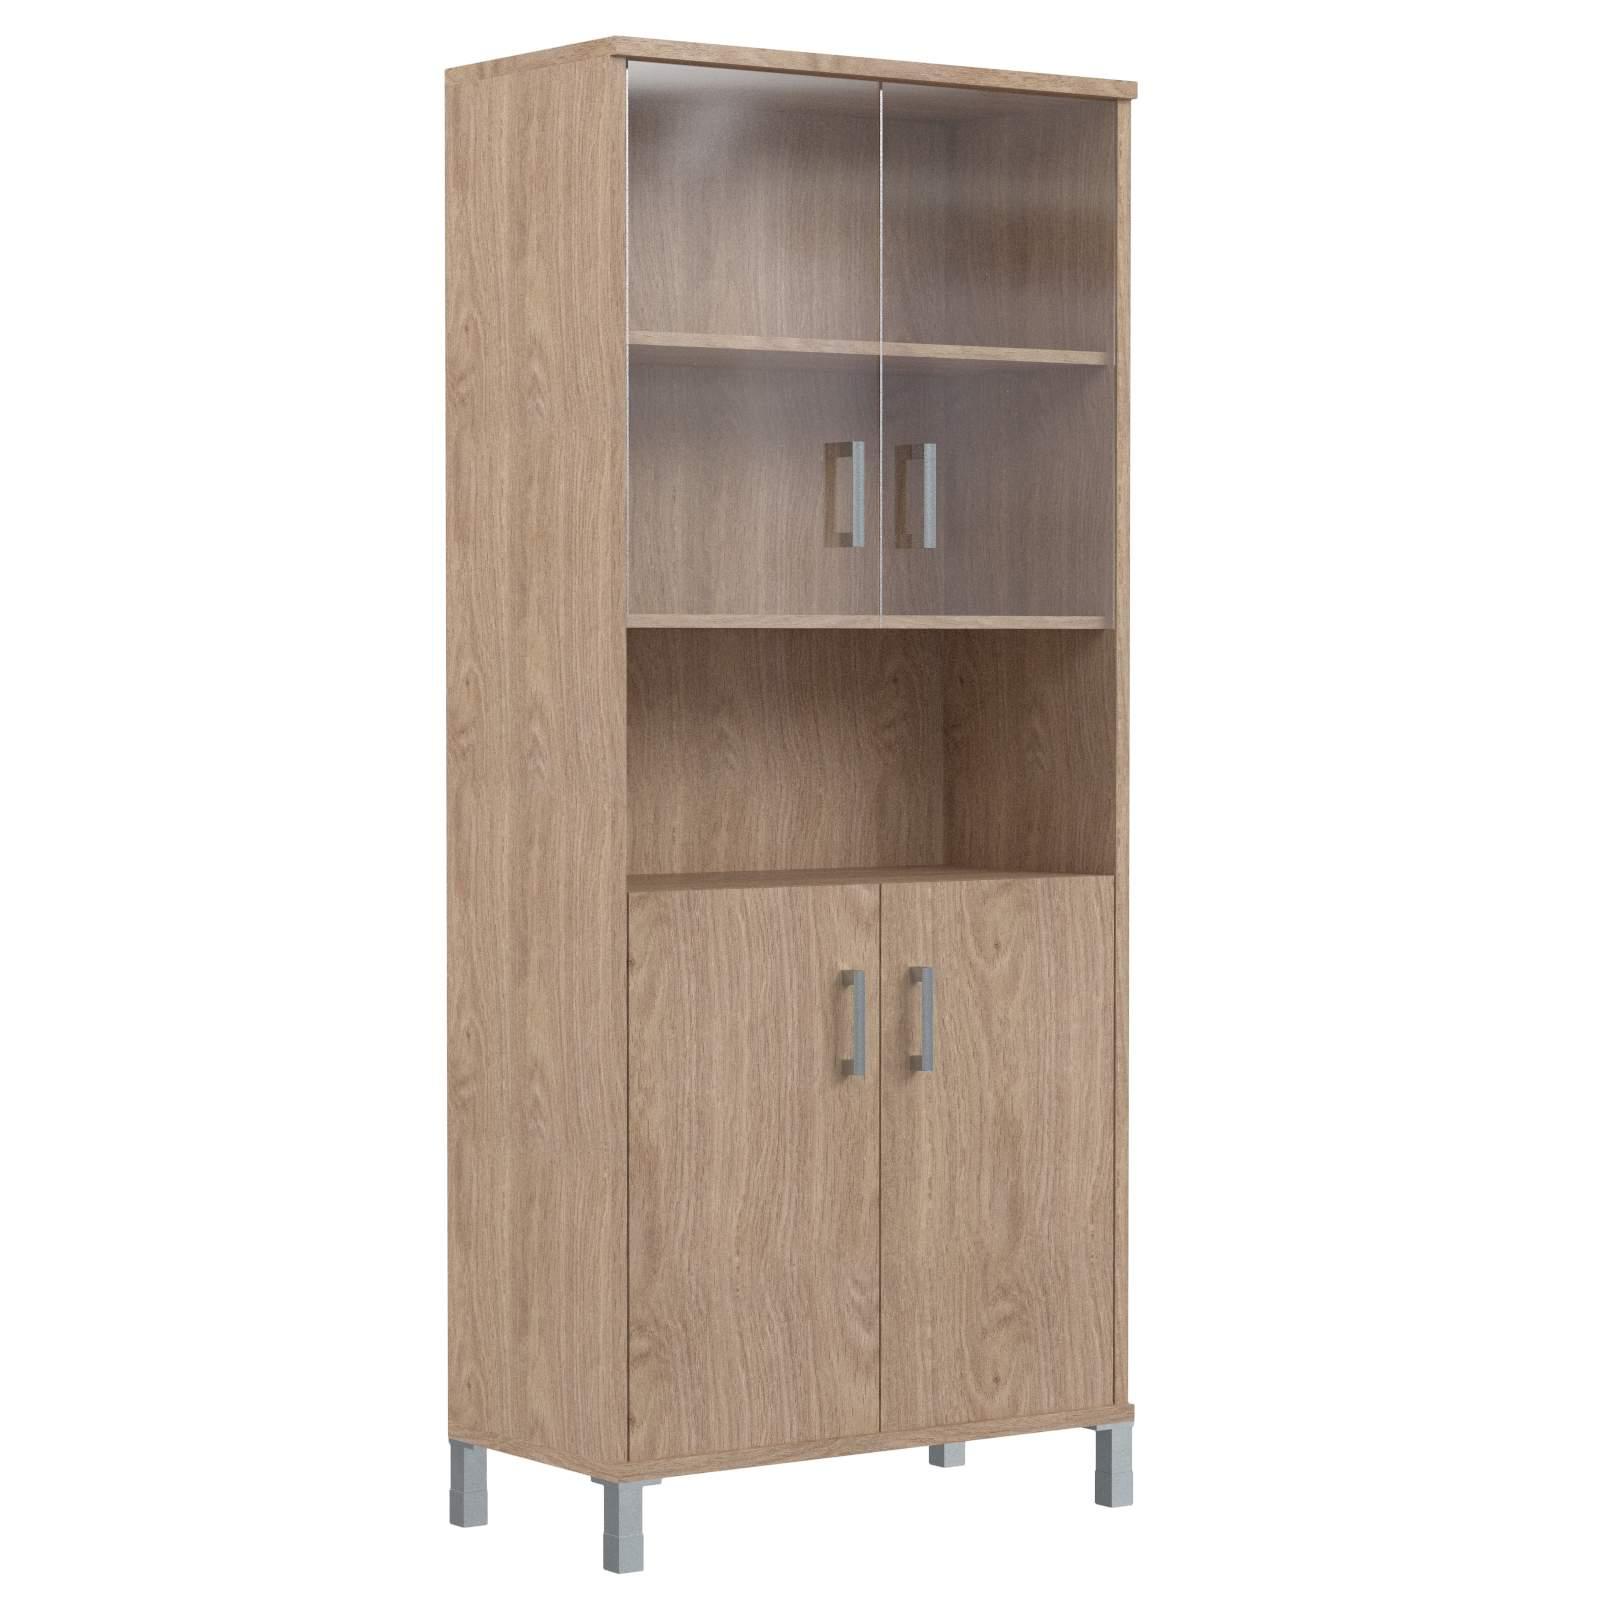 Шкаф высокий с малыми стеклянными и глухими дверьми 900х435х2004